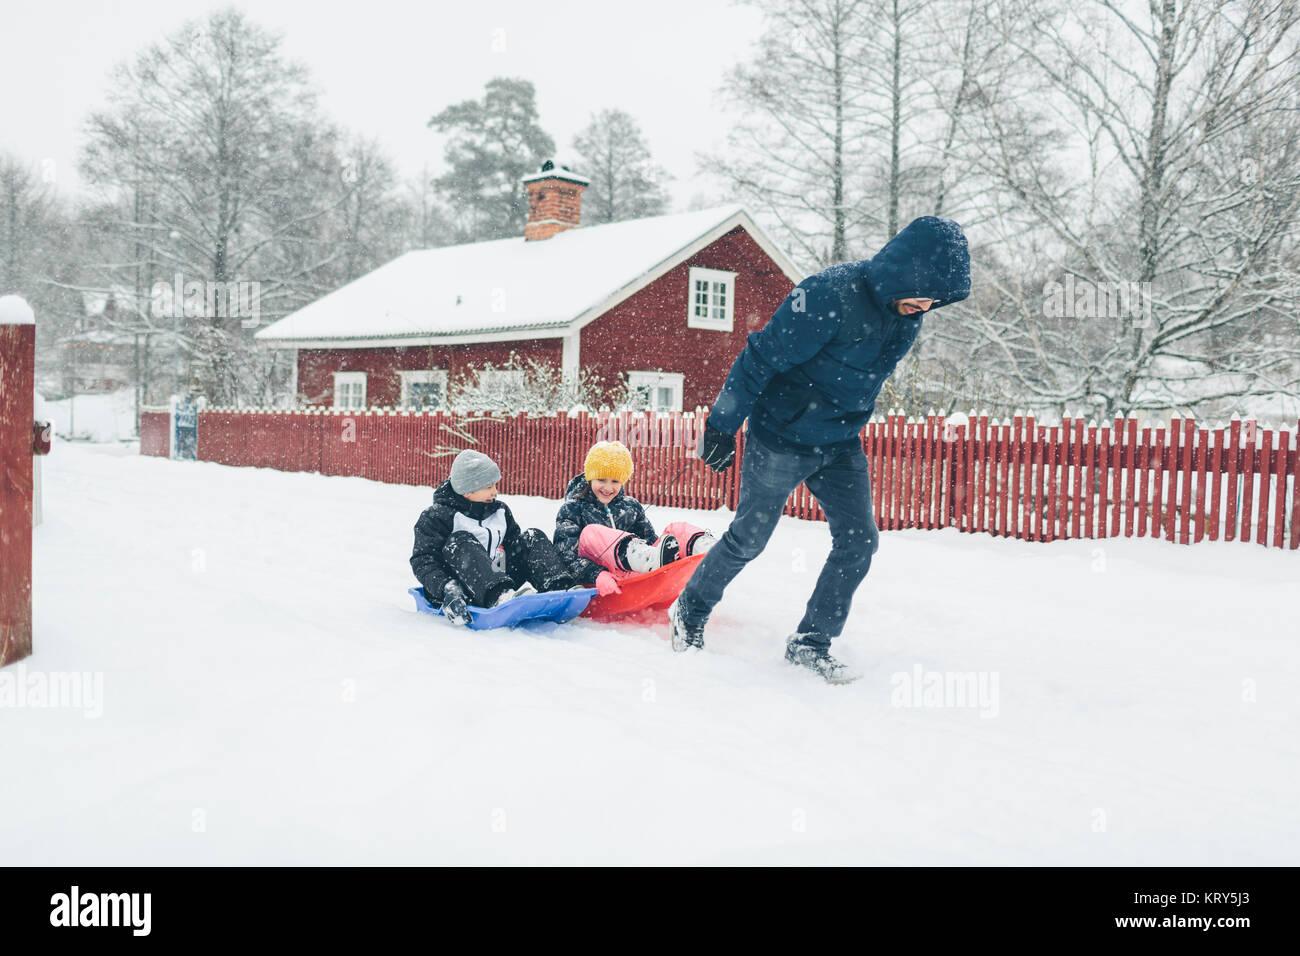 El hombre tirando niños en trineo Imagen De Stock